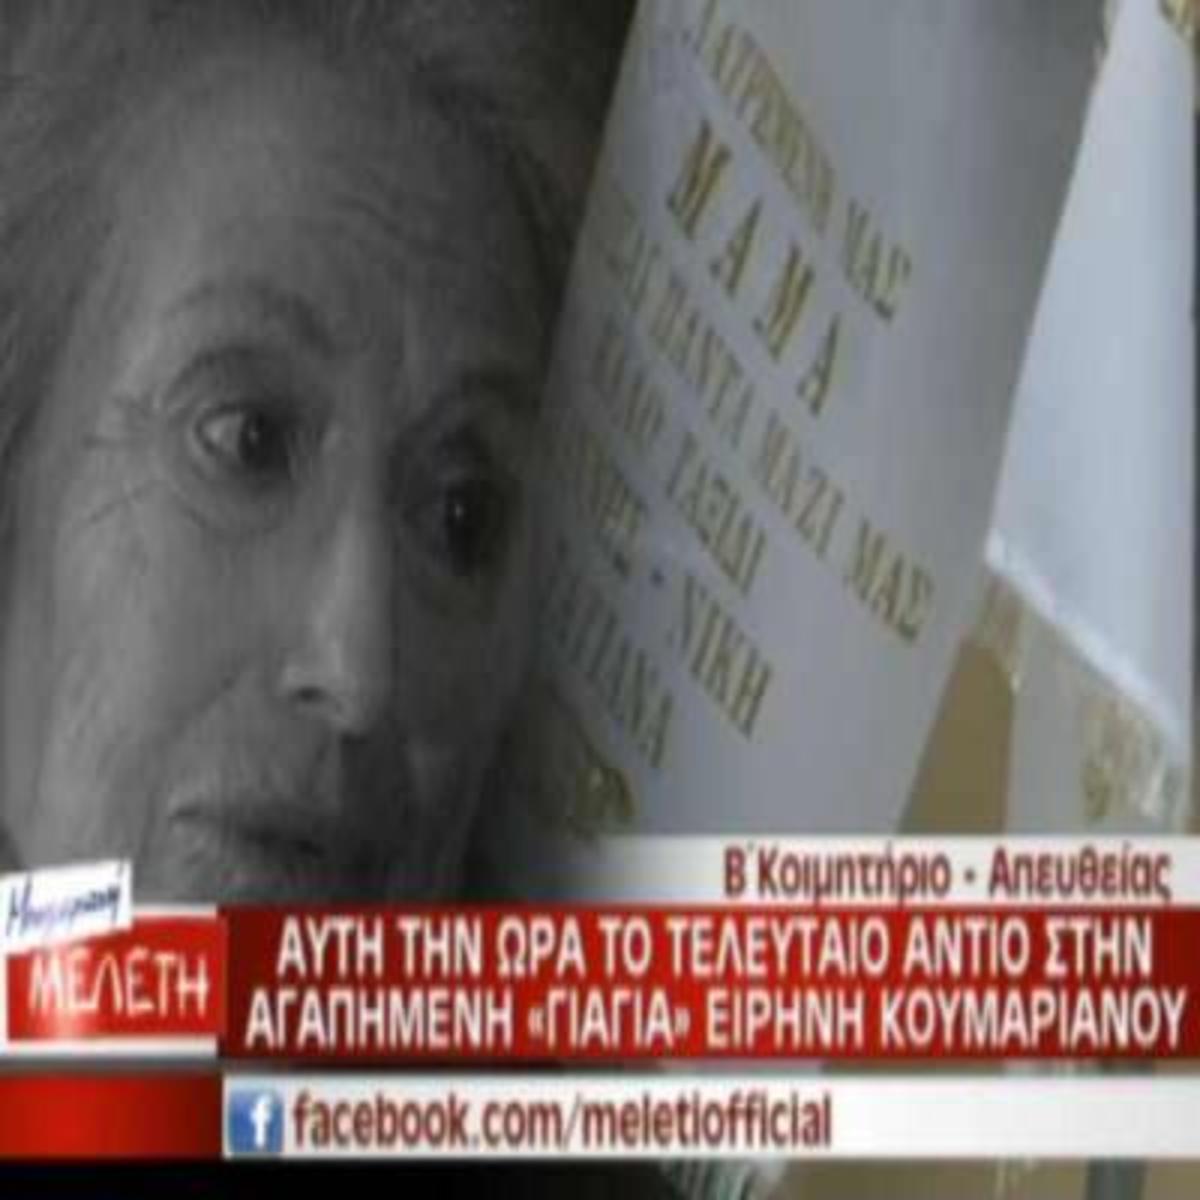 Συγκινητικές στιγμές στην κηδεία της Ειρήνης Κουμαριανού | Newsit.gr